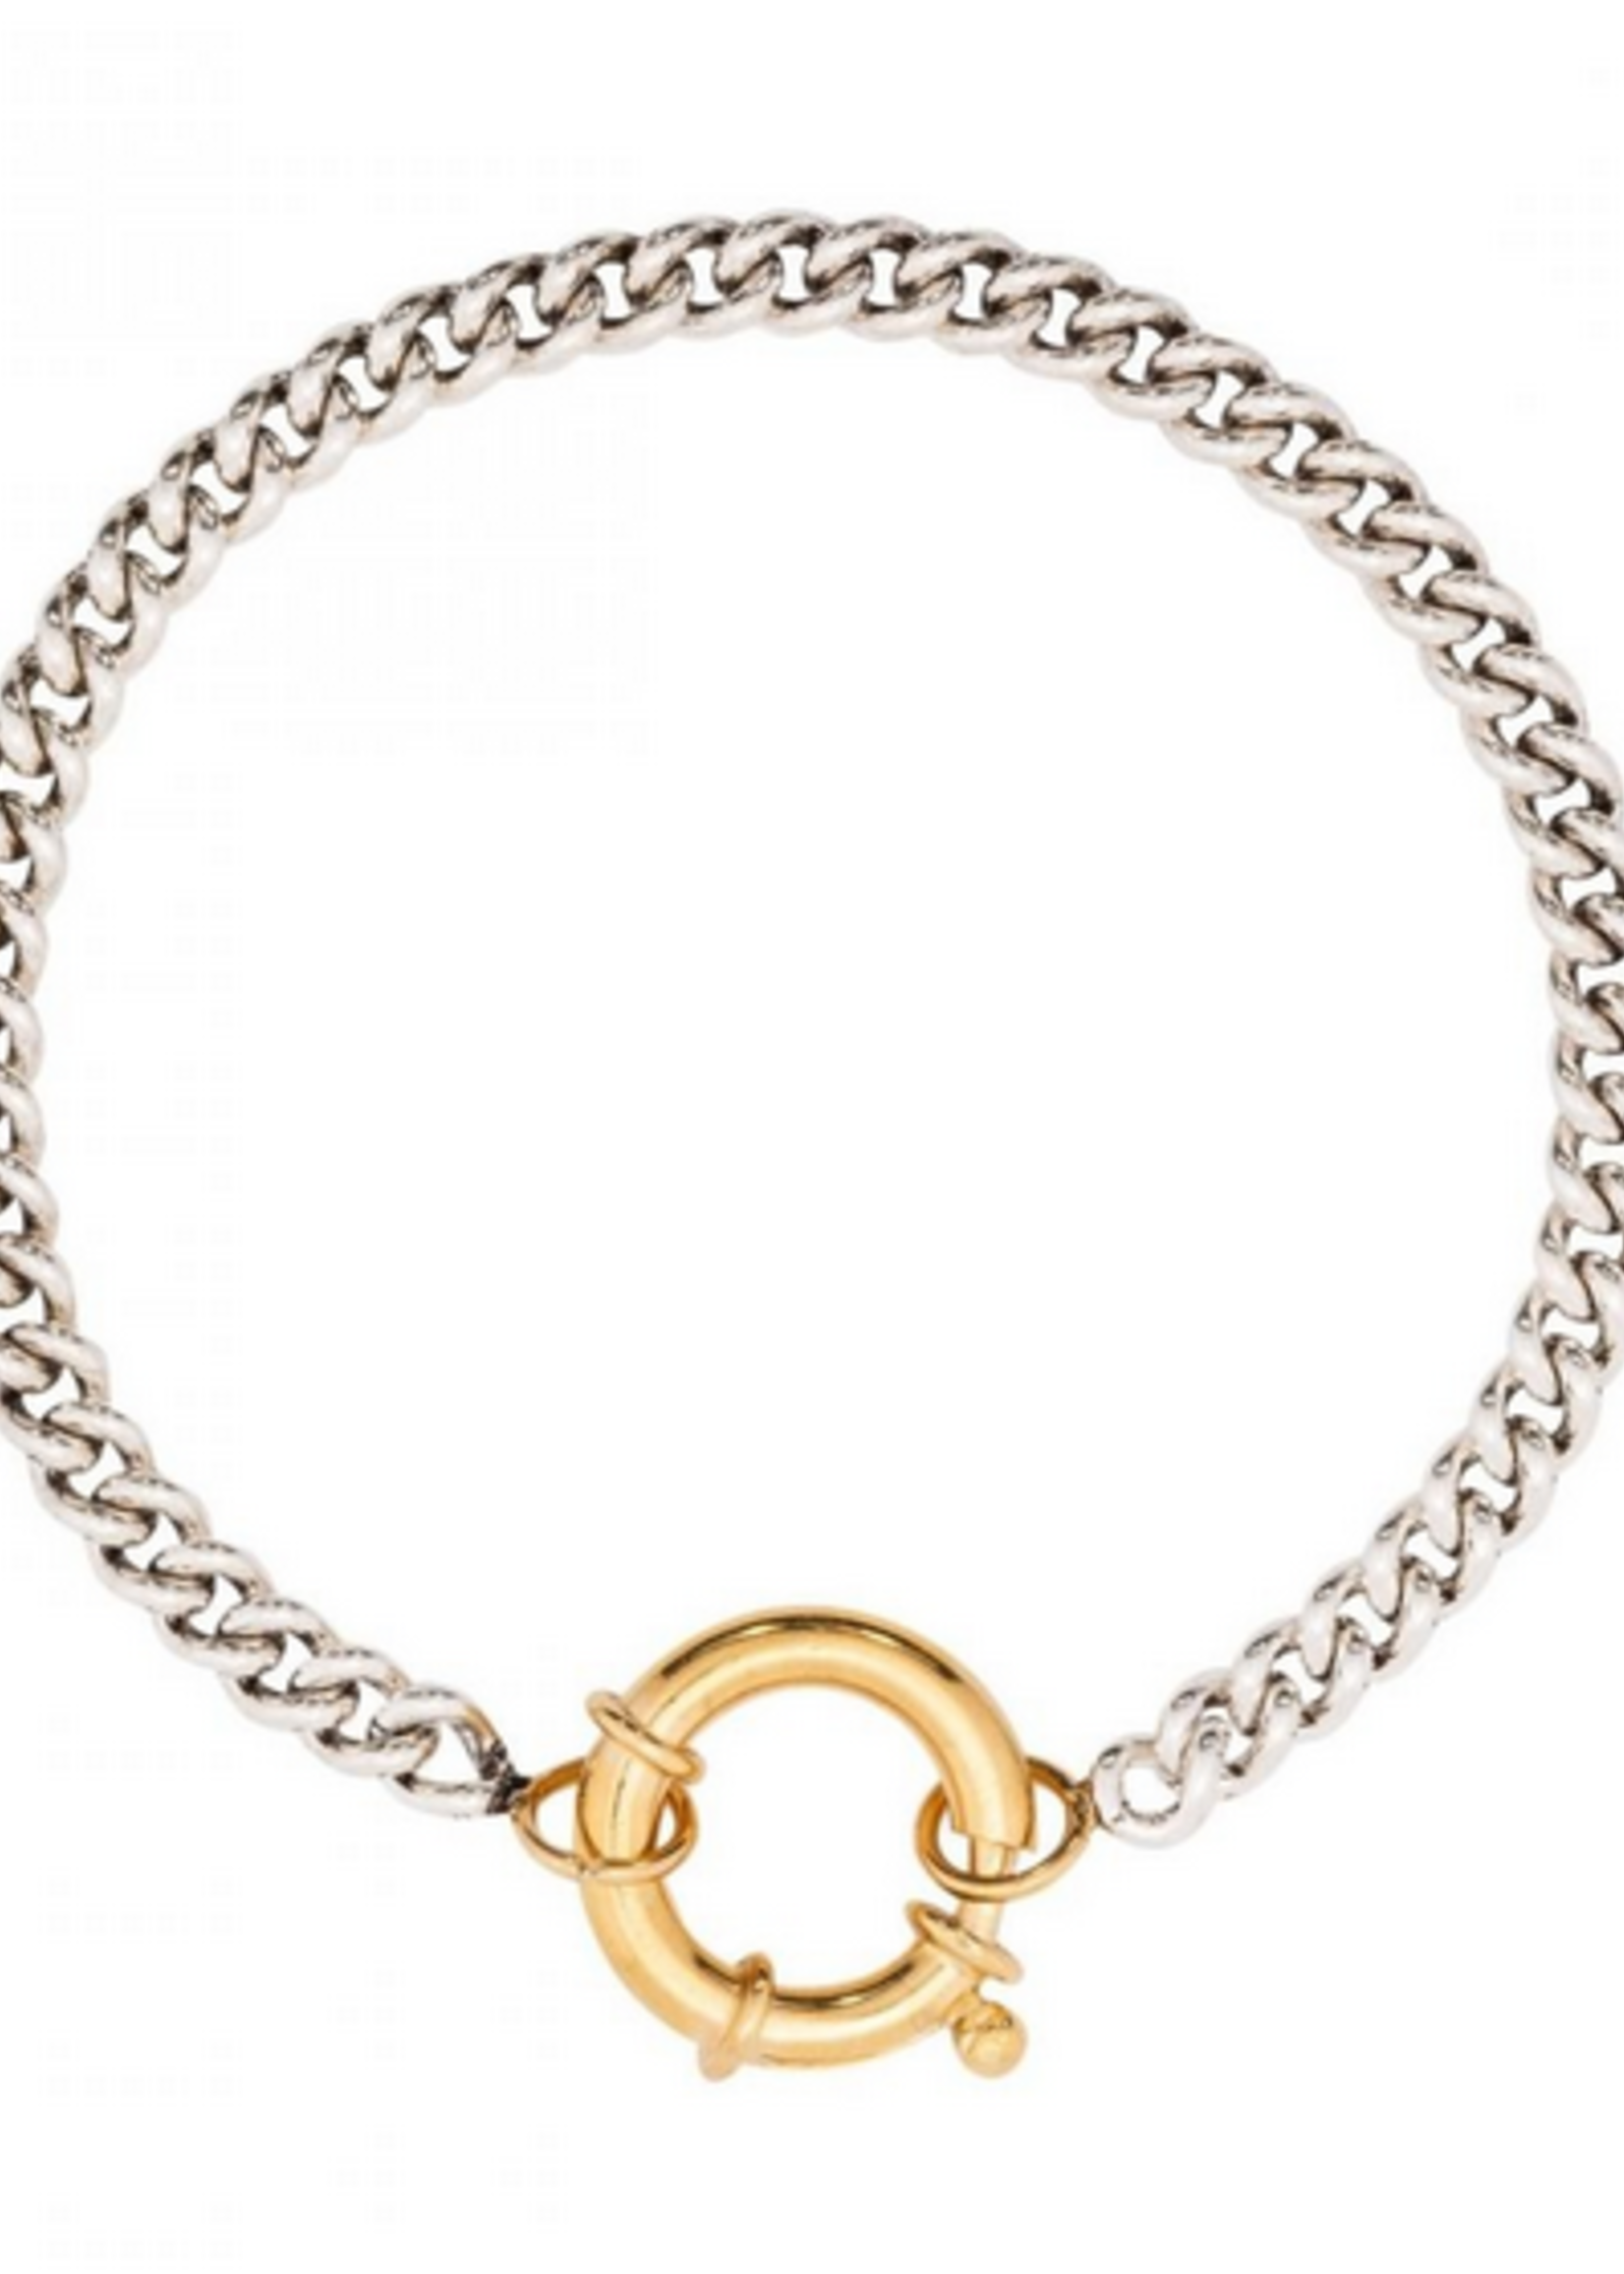 Fashionology  Big Clasp Bracelet Mixed